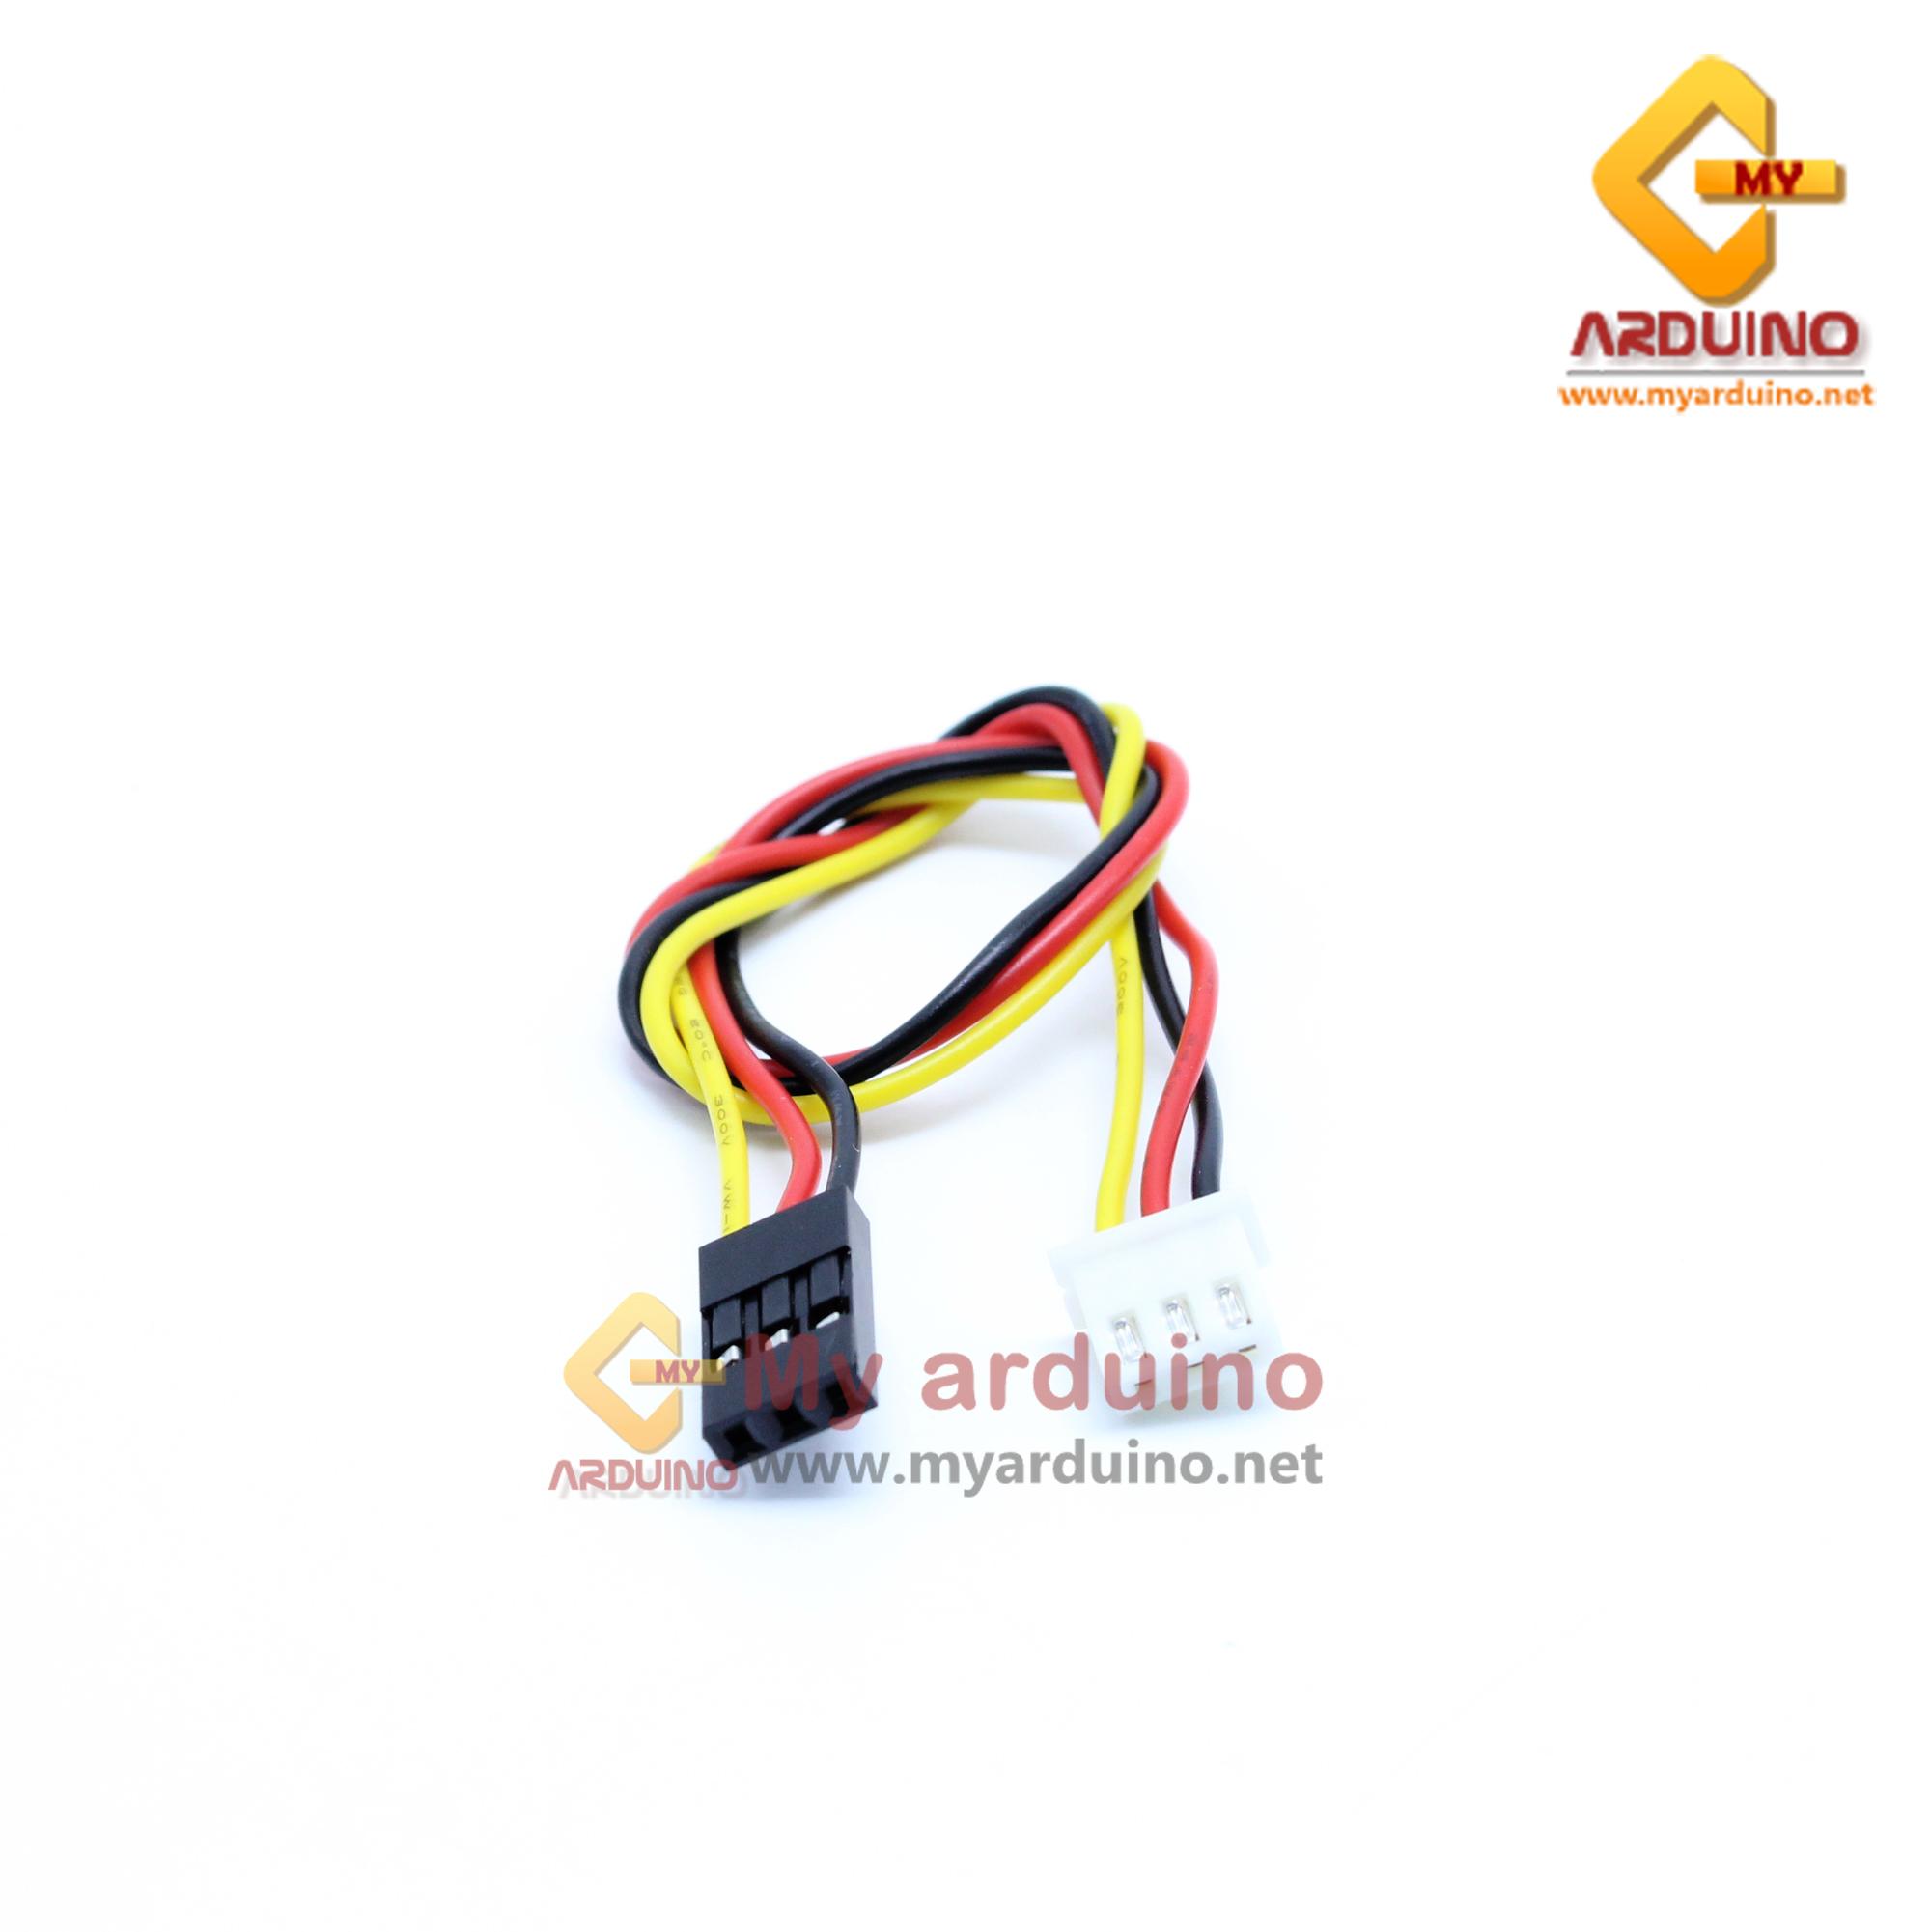 EC sensor เซ็นเซอร์วัดค่าการนำไฟฟ้าของน้ำ arduino